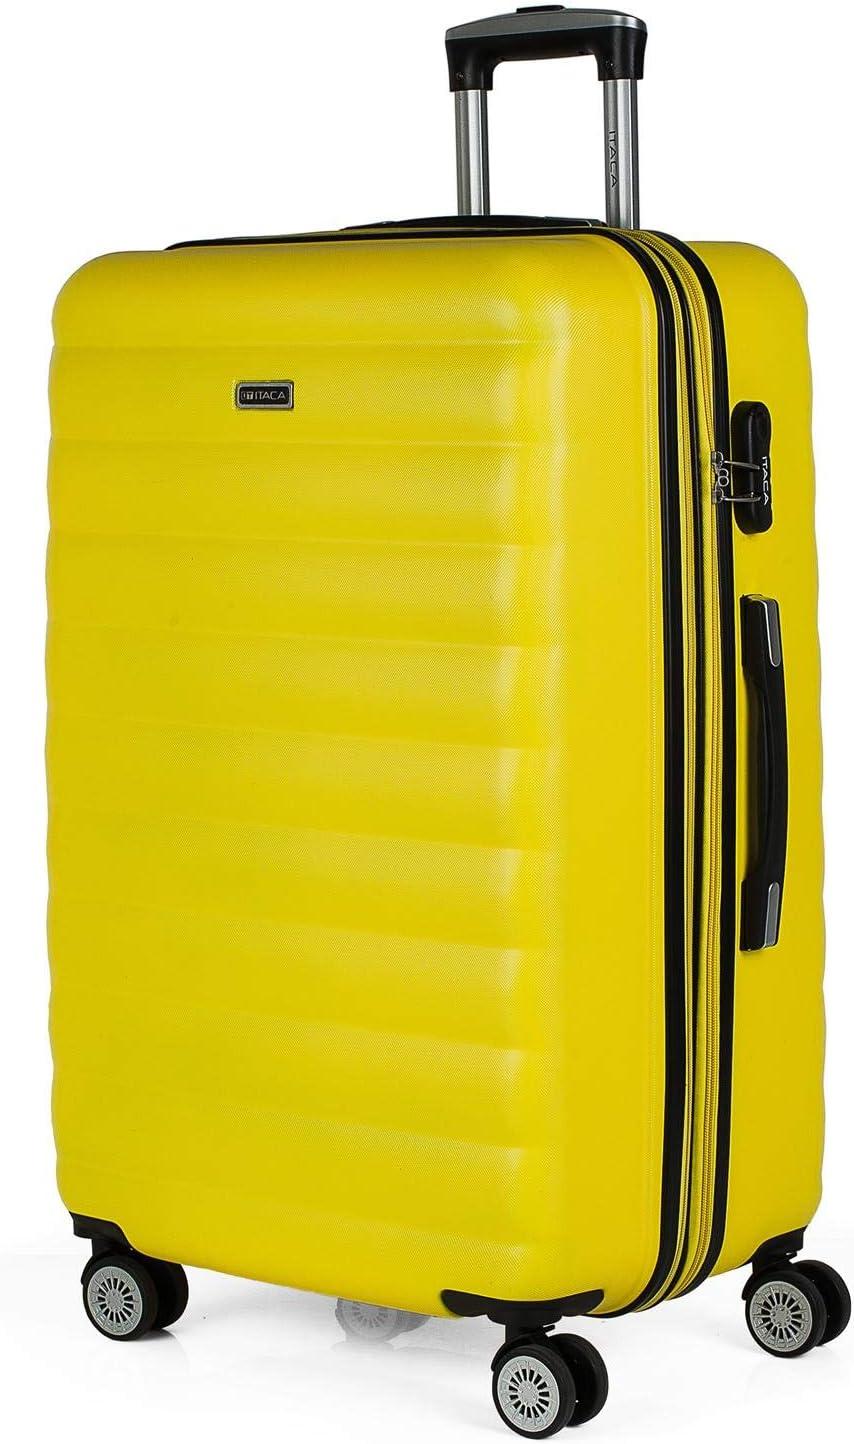 ITACA - Maleta de Viaje Grande 4 Ruedas Trolley 75 cm de ABS. Extensible Dura Rígida Resistente y Ligera. XL Gran Capacidad. Estudiante y Profesional 71270, Color Amarillo